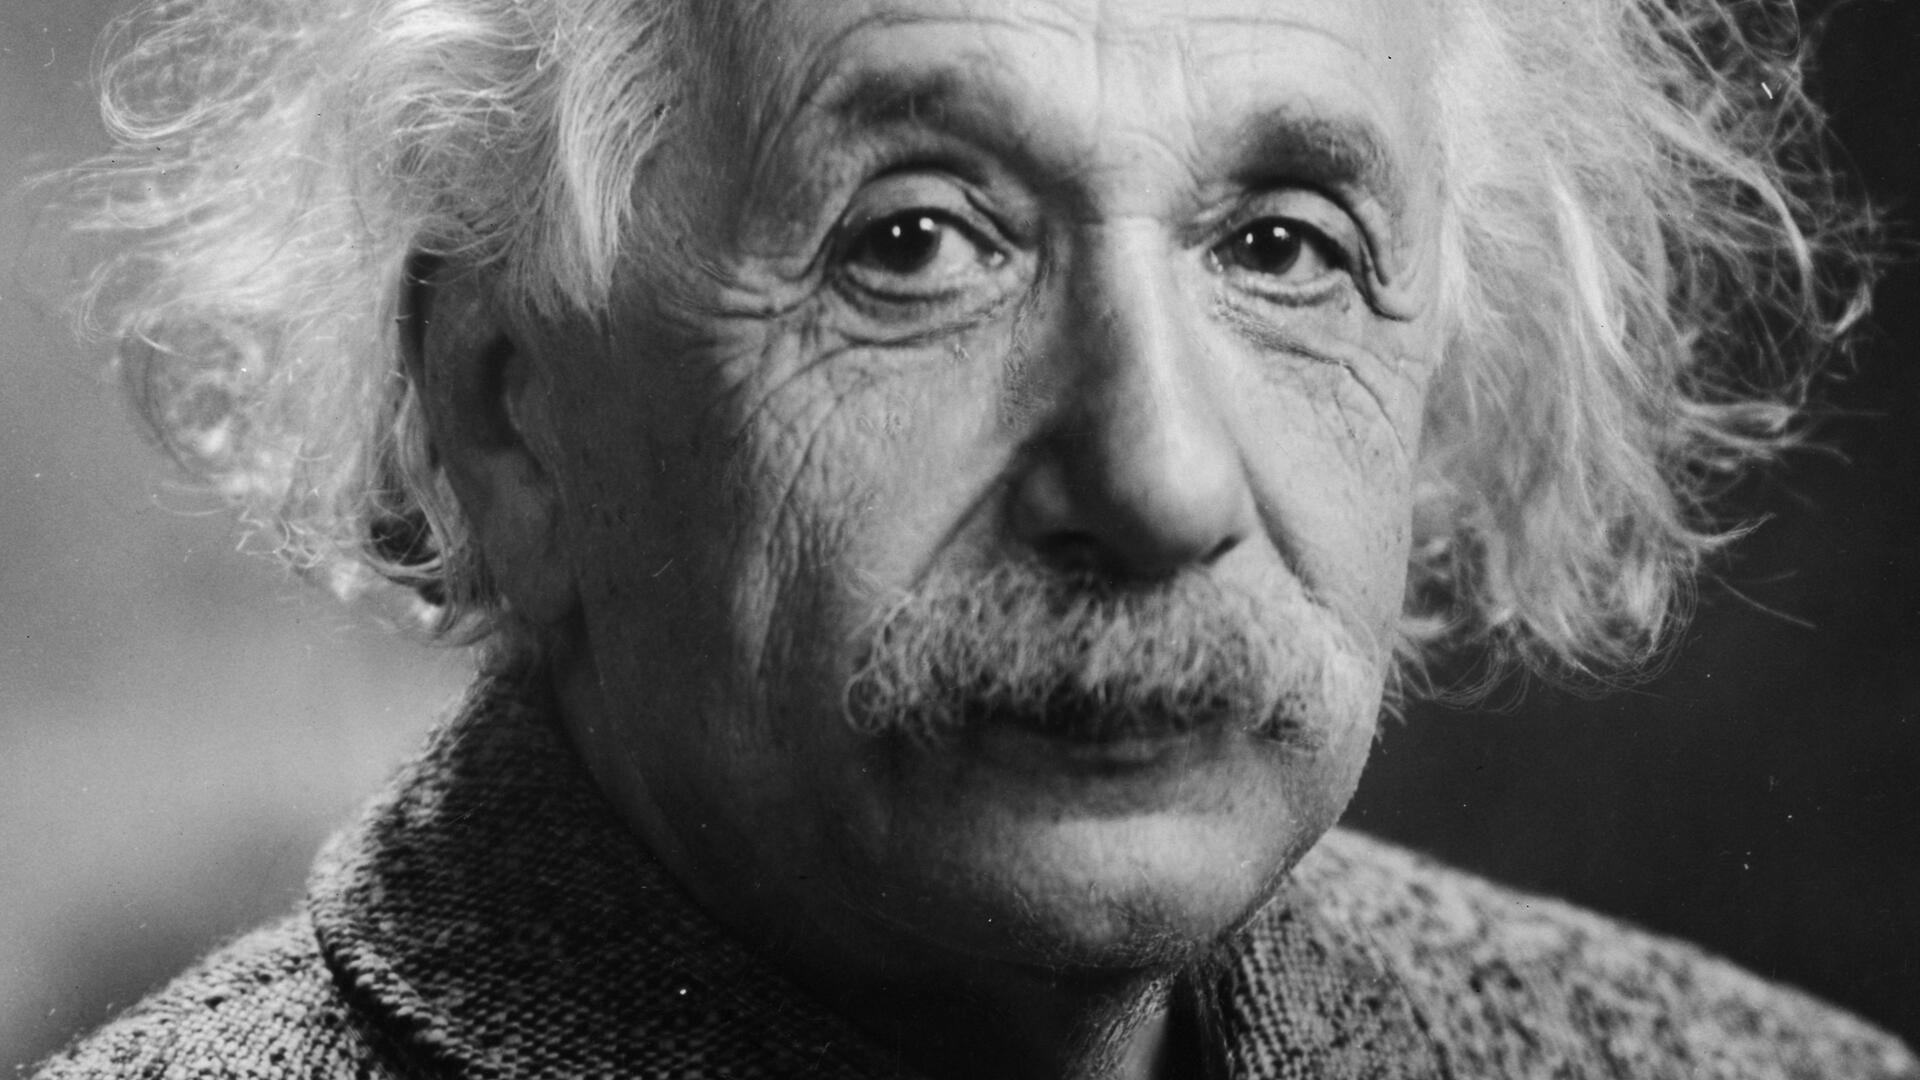 Photographic portrait of Albert Einstein